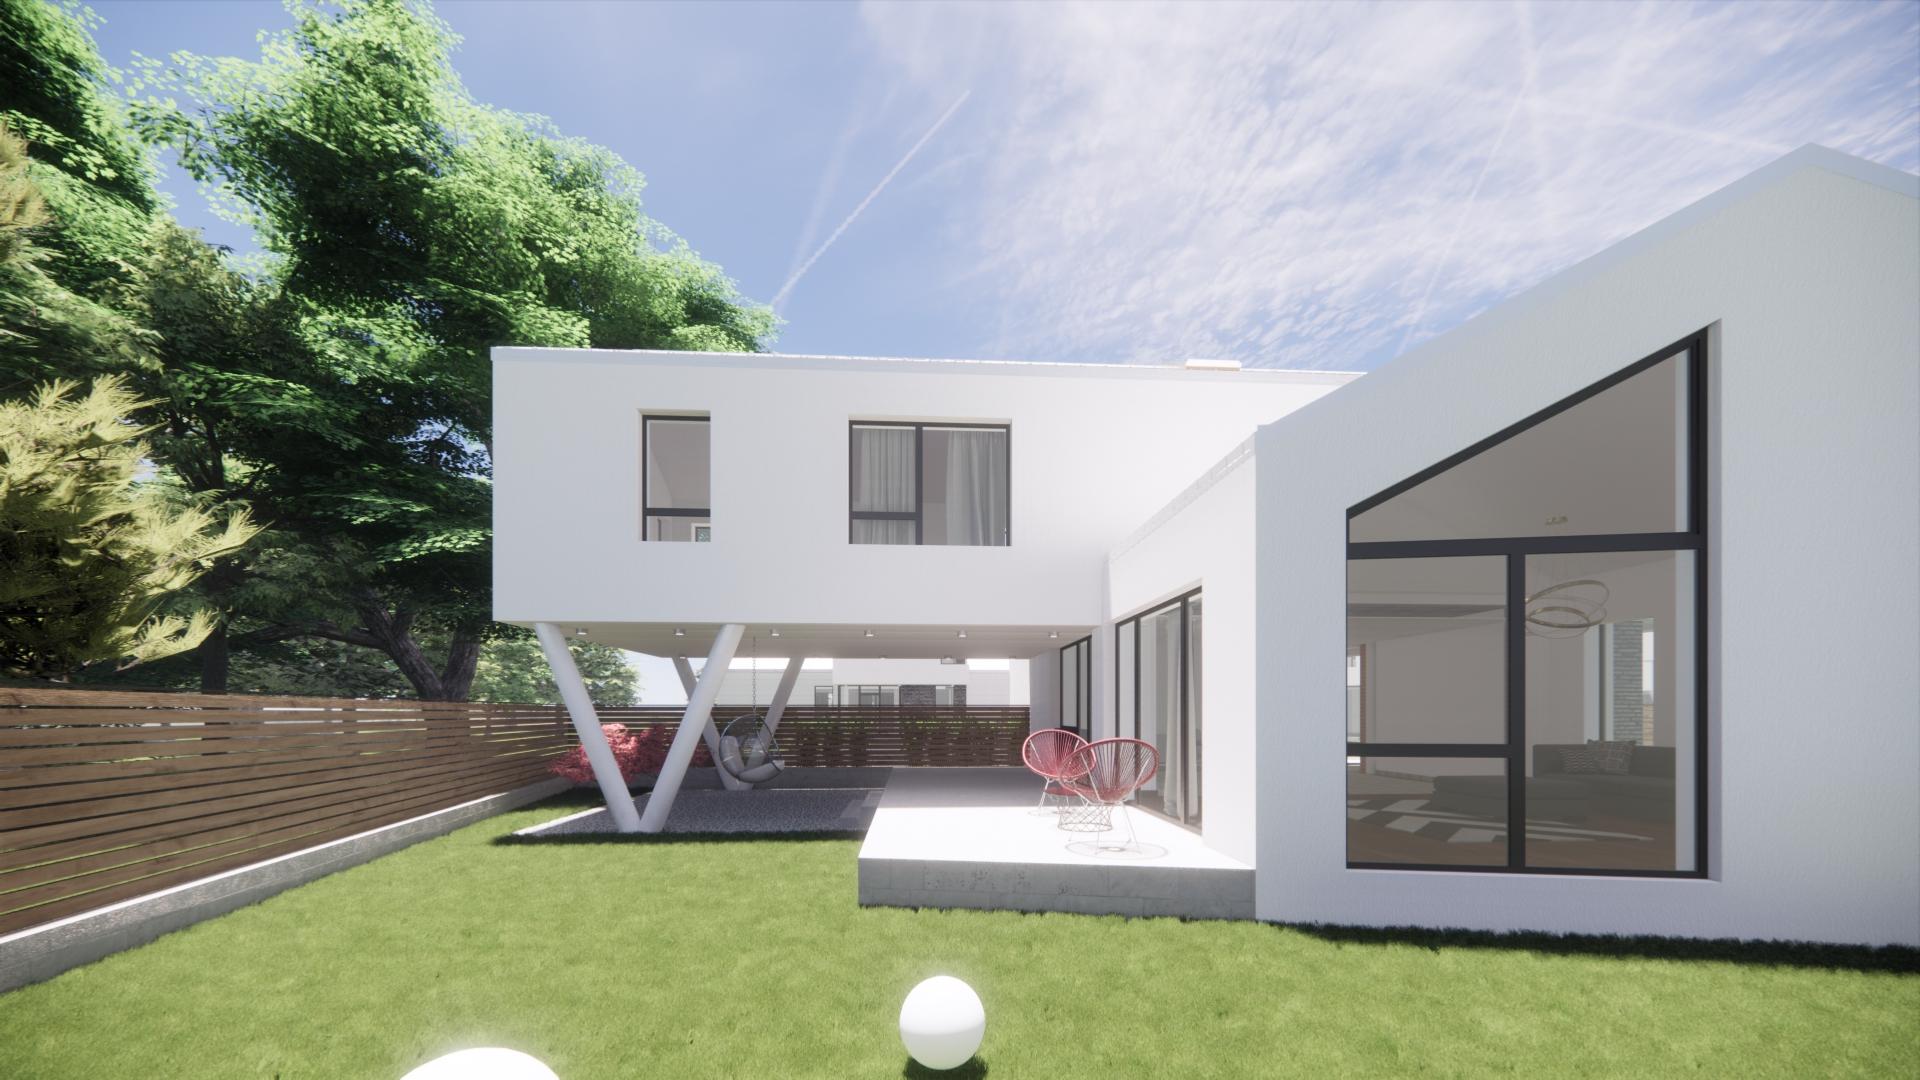 https://nbc-arhitect.ro/wp-content/uploads/2021/02/Balta-Alba-Corbeanca-16.jpg